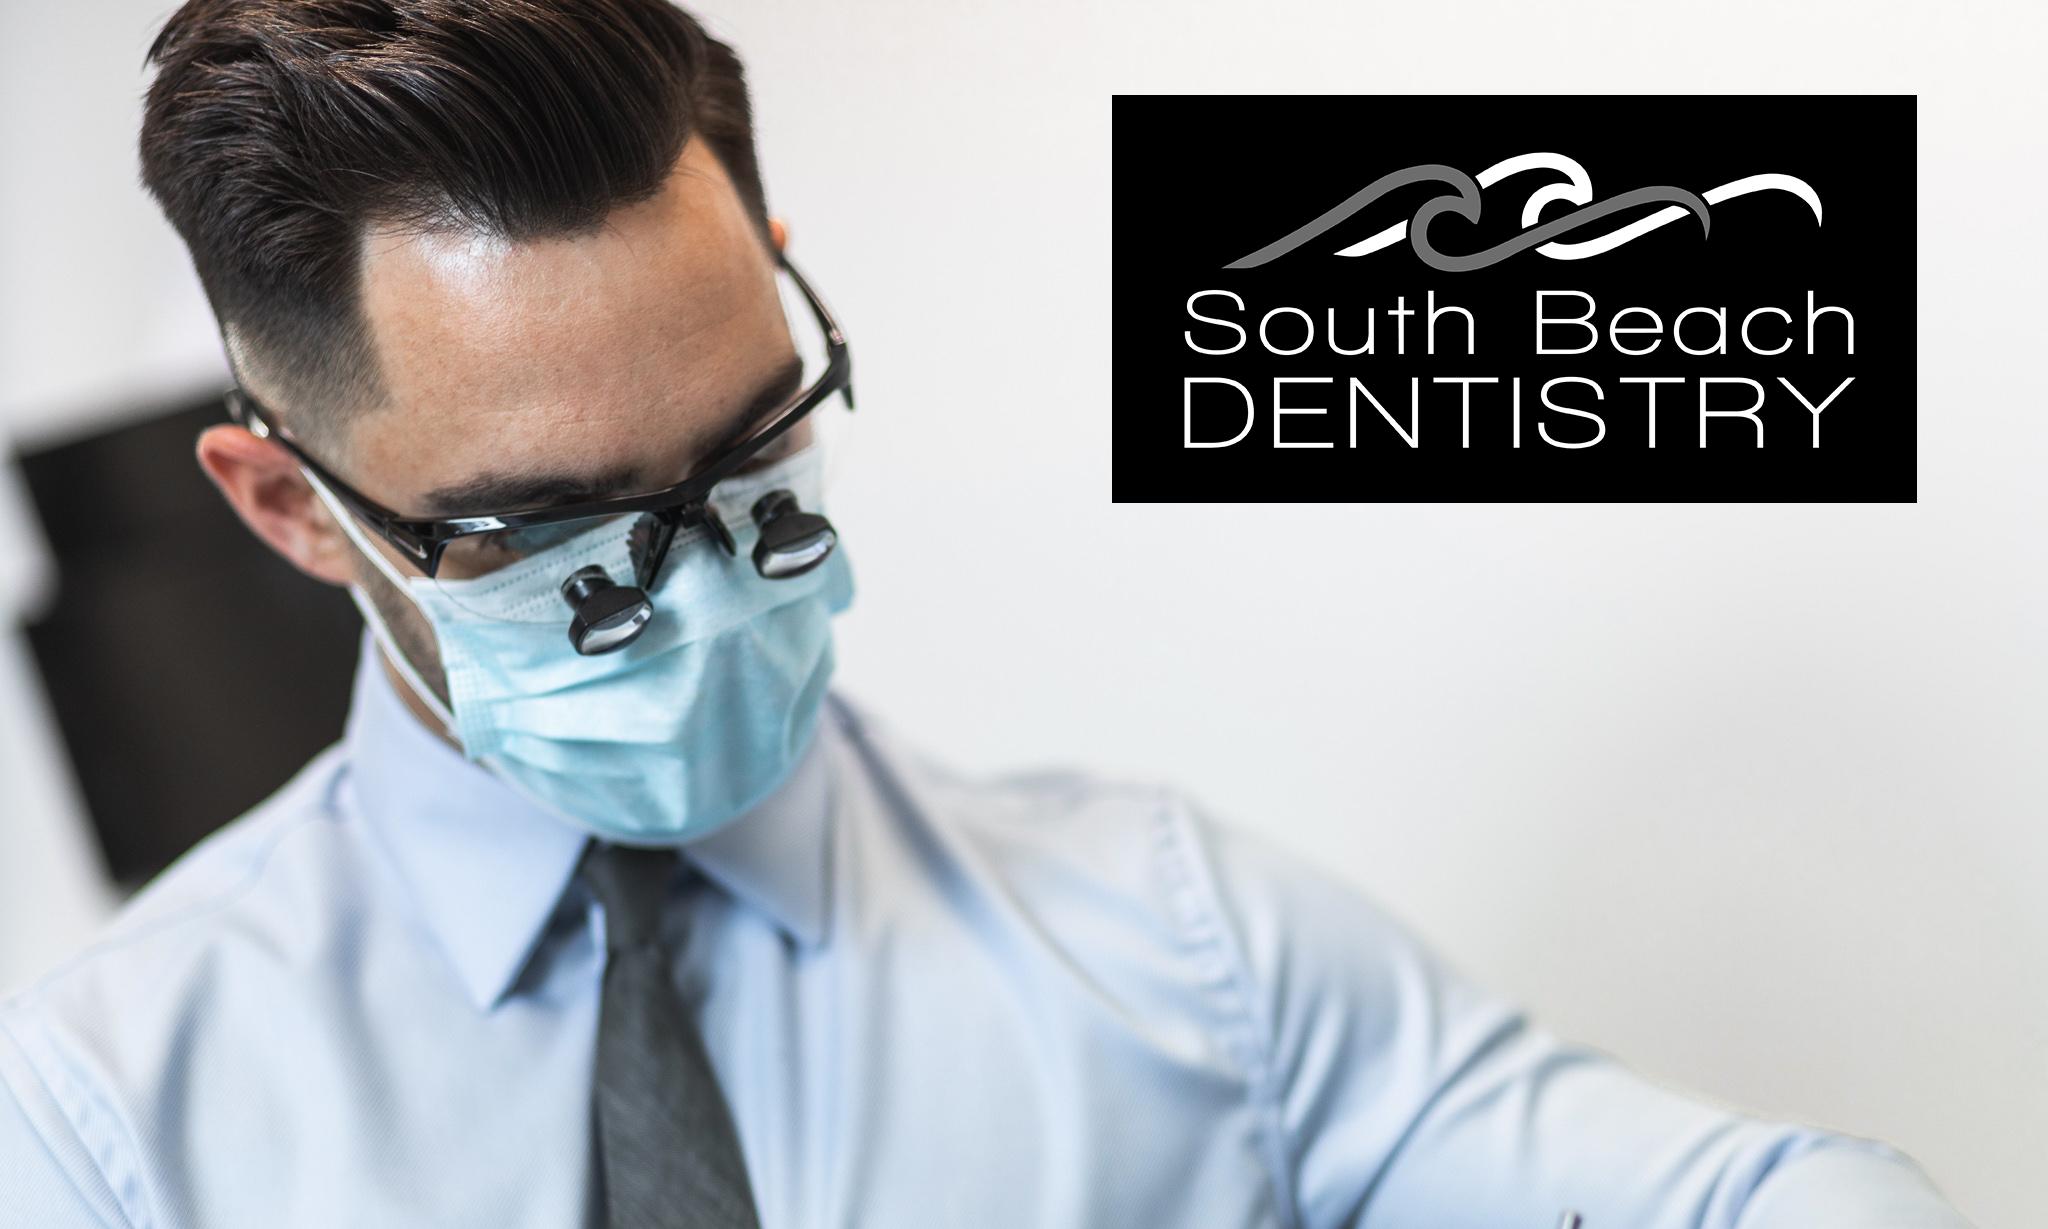 South Beach Dentistry